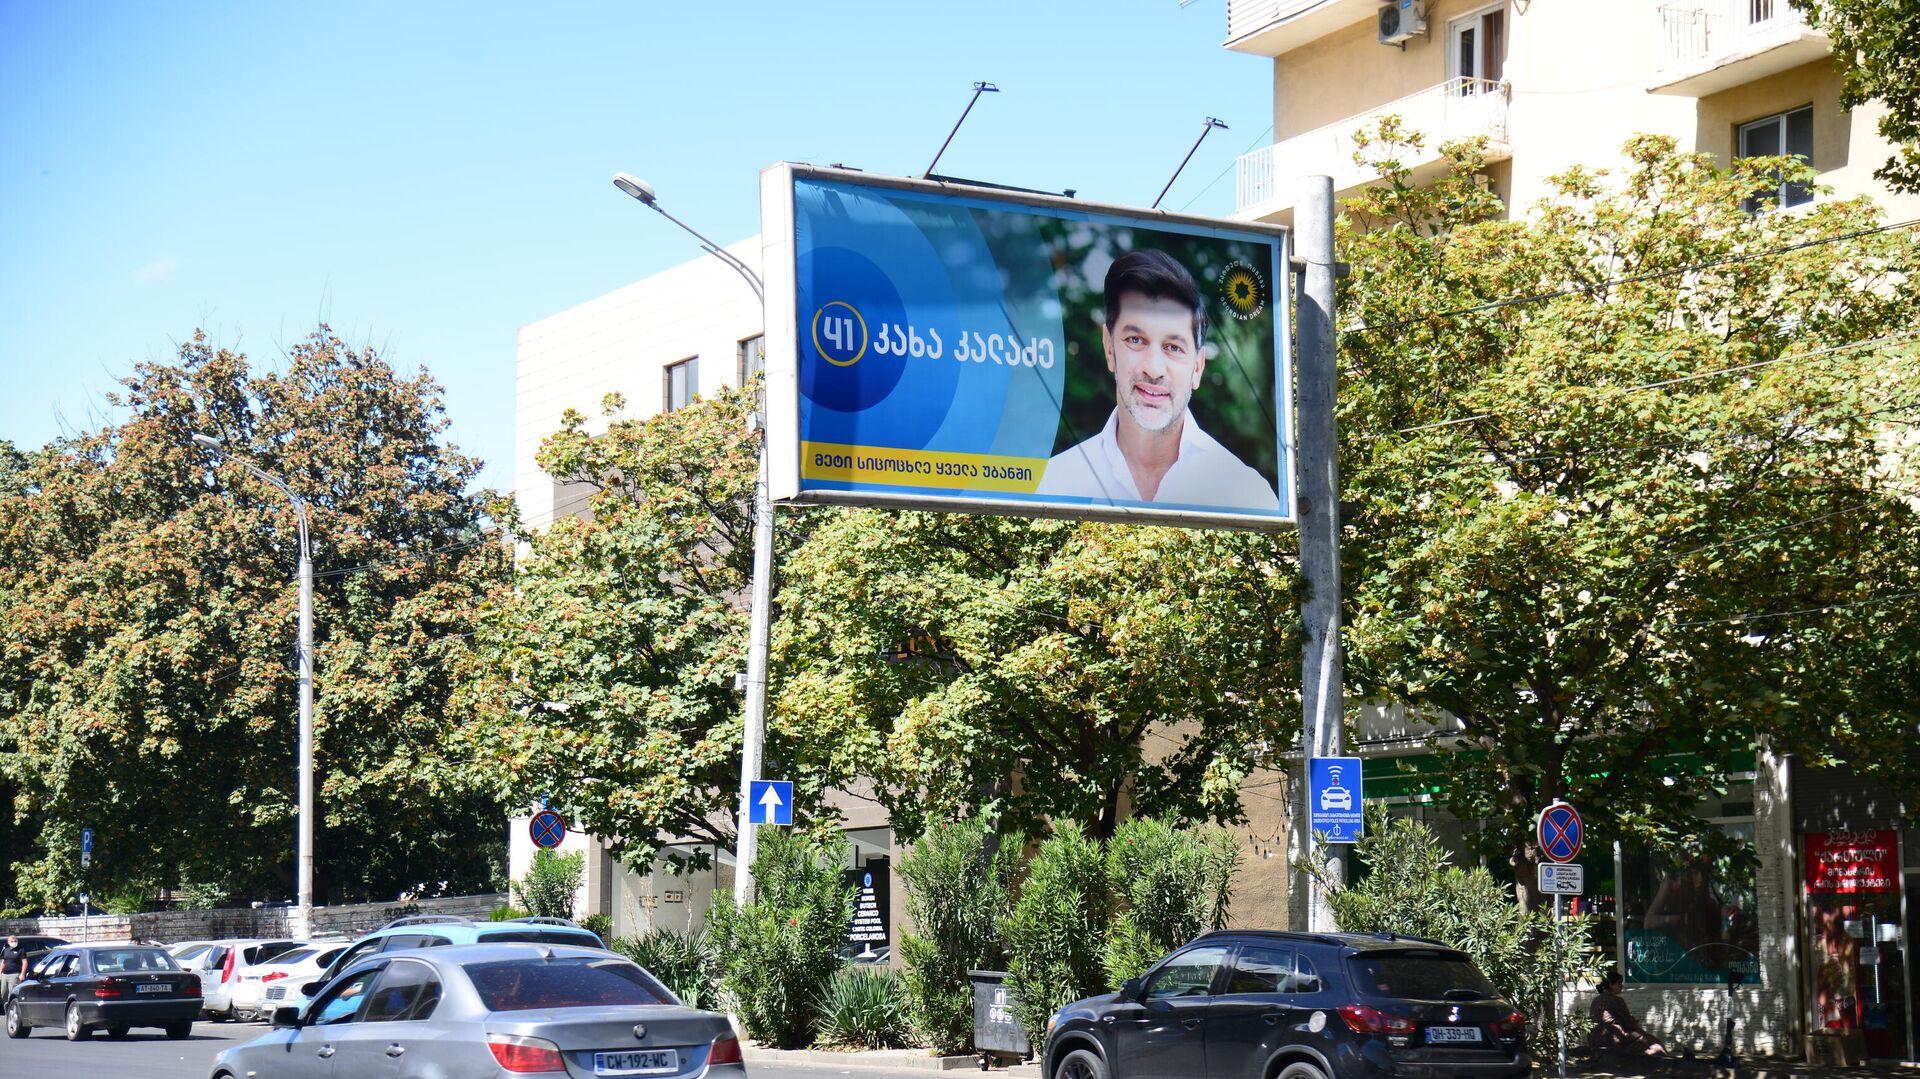 Предвыборная реклама - баннер правящей партии Грузинская мечта, Каха Каладзе - Sputnik Грузия, 1920, 28.09.2021